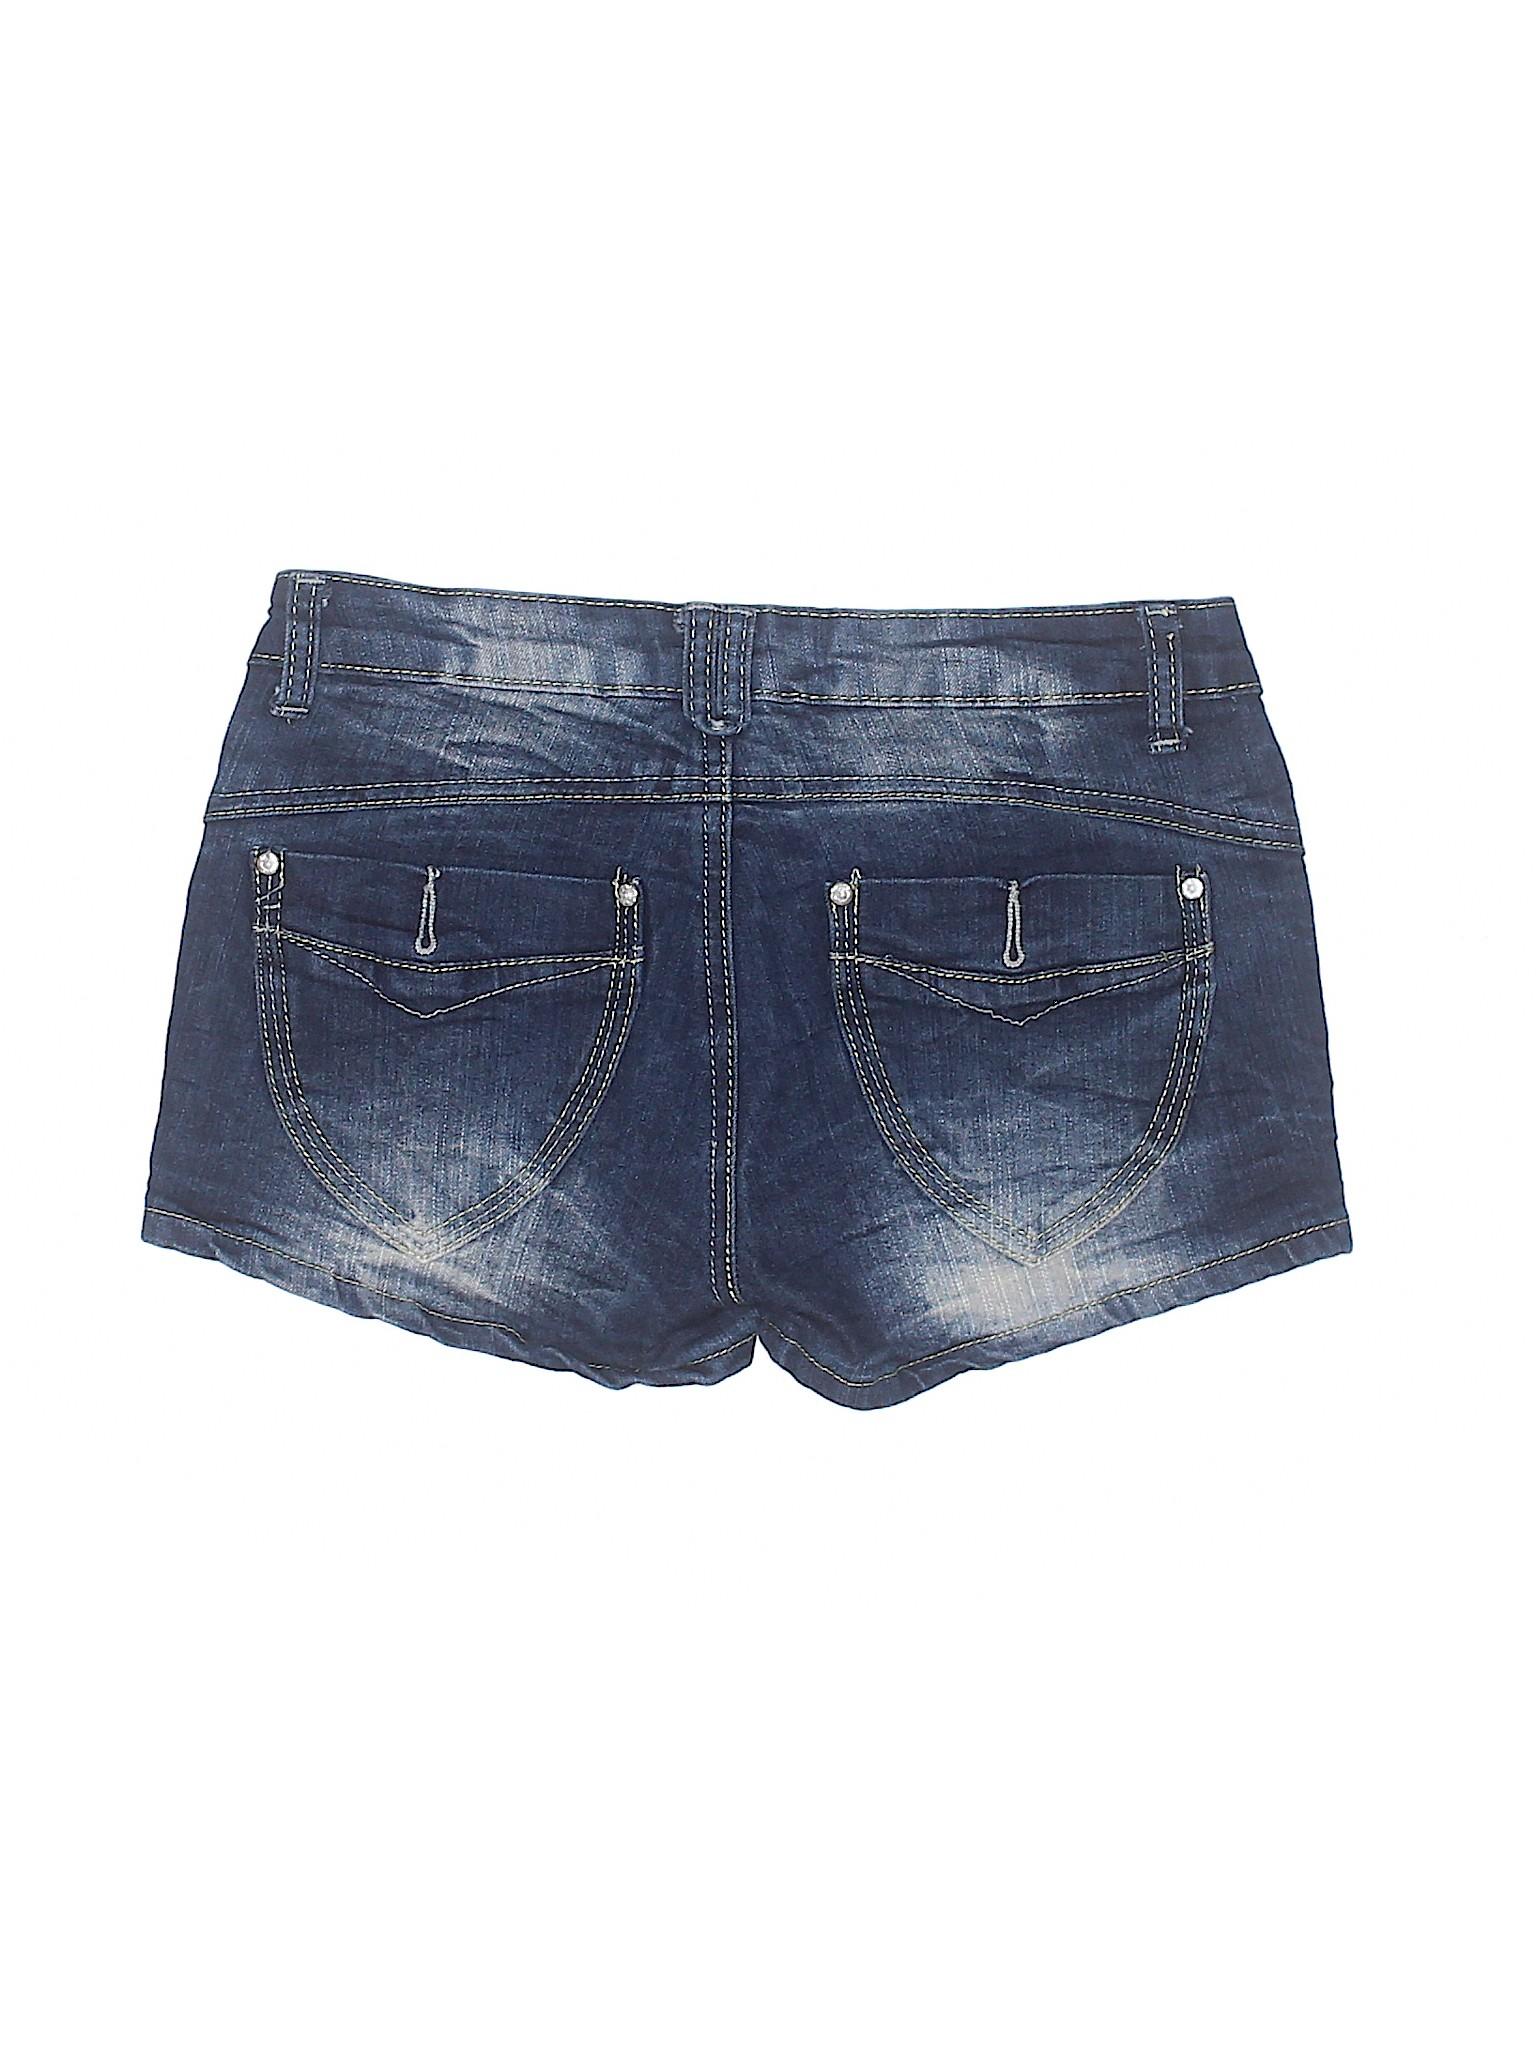 Shorts 51 Denim Boutique U Boutique U wPqXaKOX